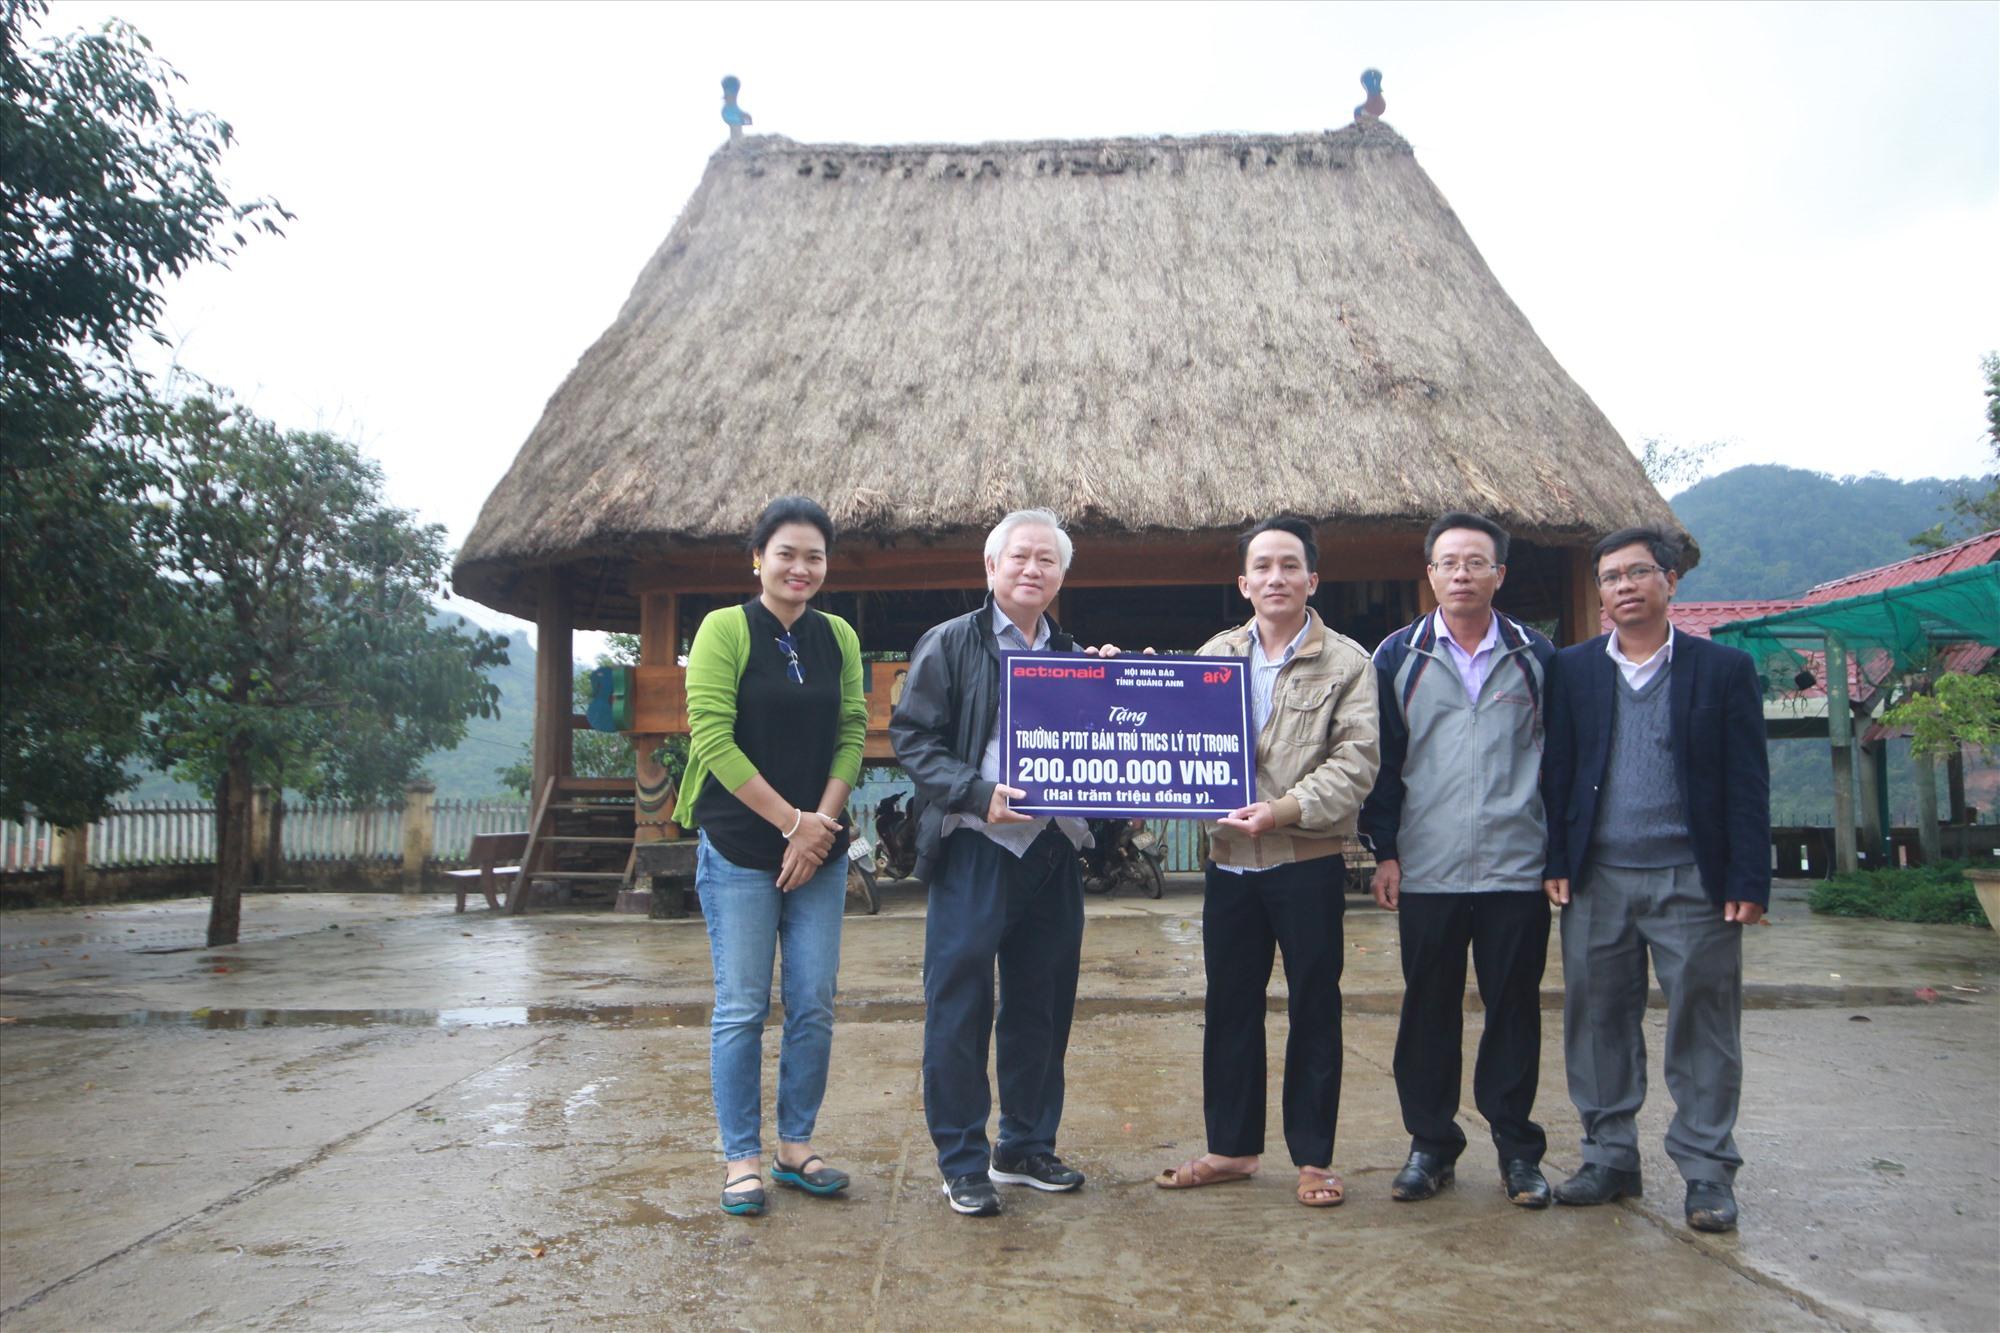 Đại diện tổ chức ActionAid Quốc tế tại Việt Nam và Quỹ Hỗ trợ chương trình, dự án An sinh xã hội Việt Nam (AFV) tặng số tiền 200 triệu đồng cho trường Phổ thông dân tộc bán trú THCS Lý Tự Trọng.